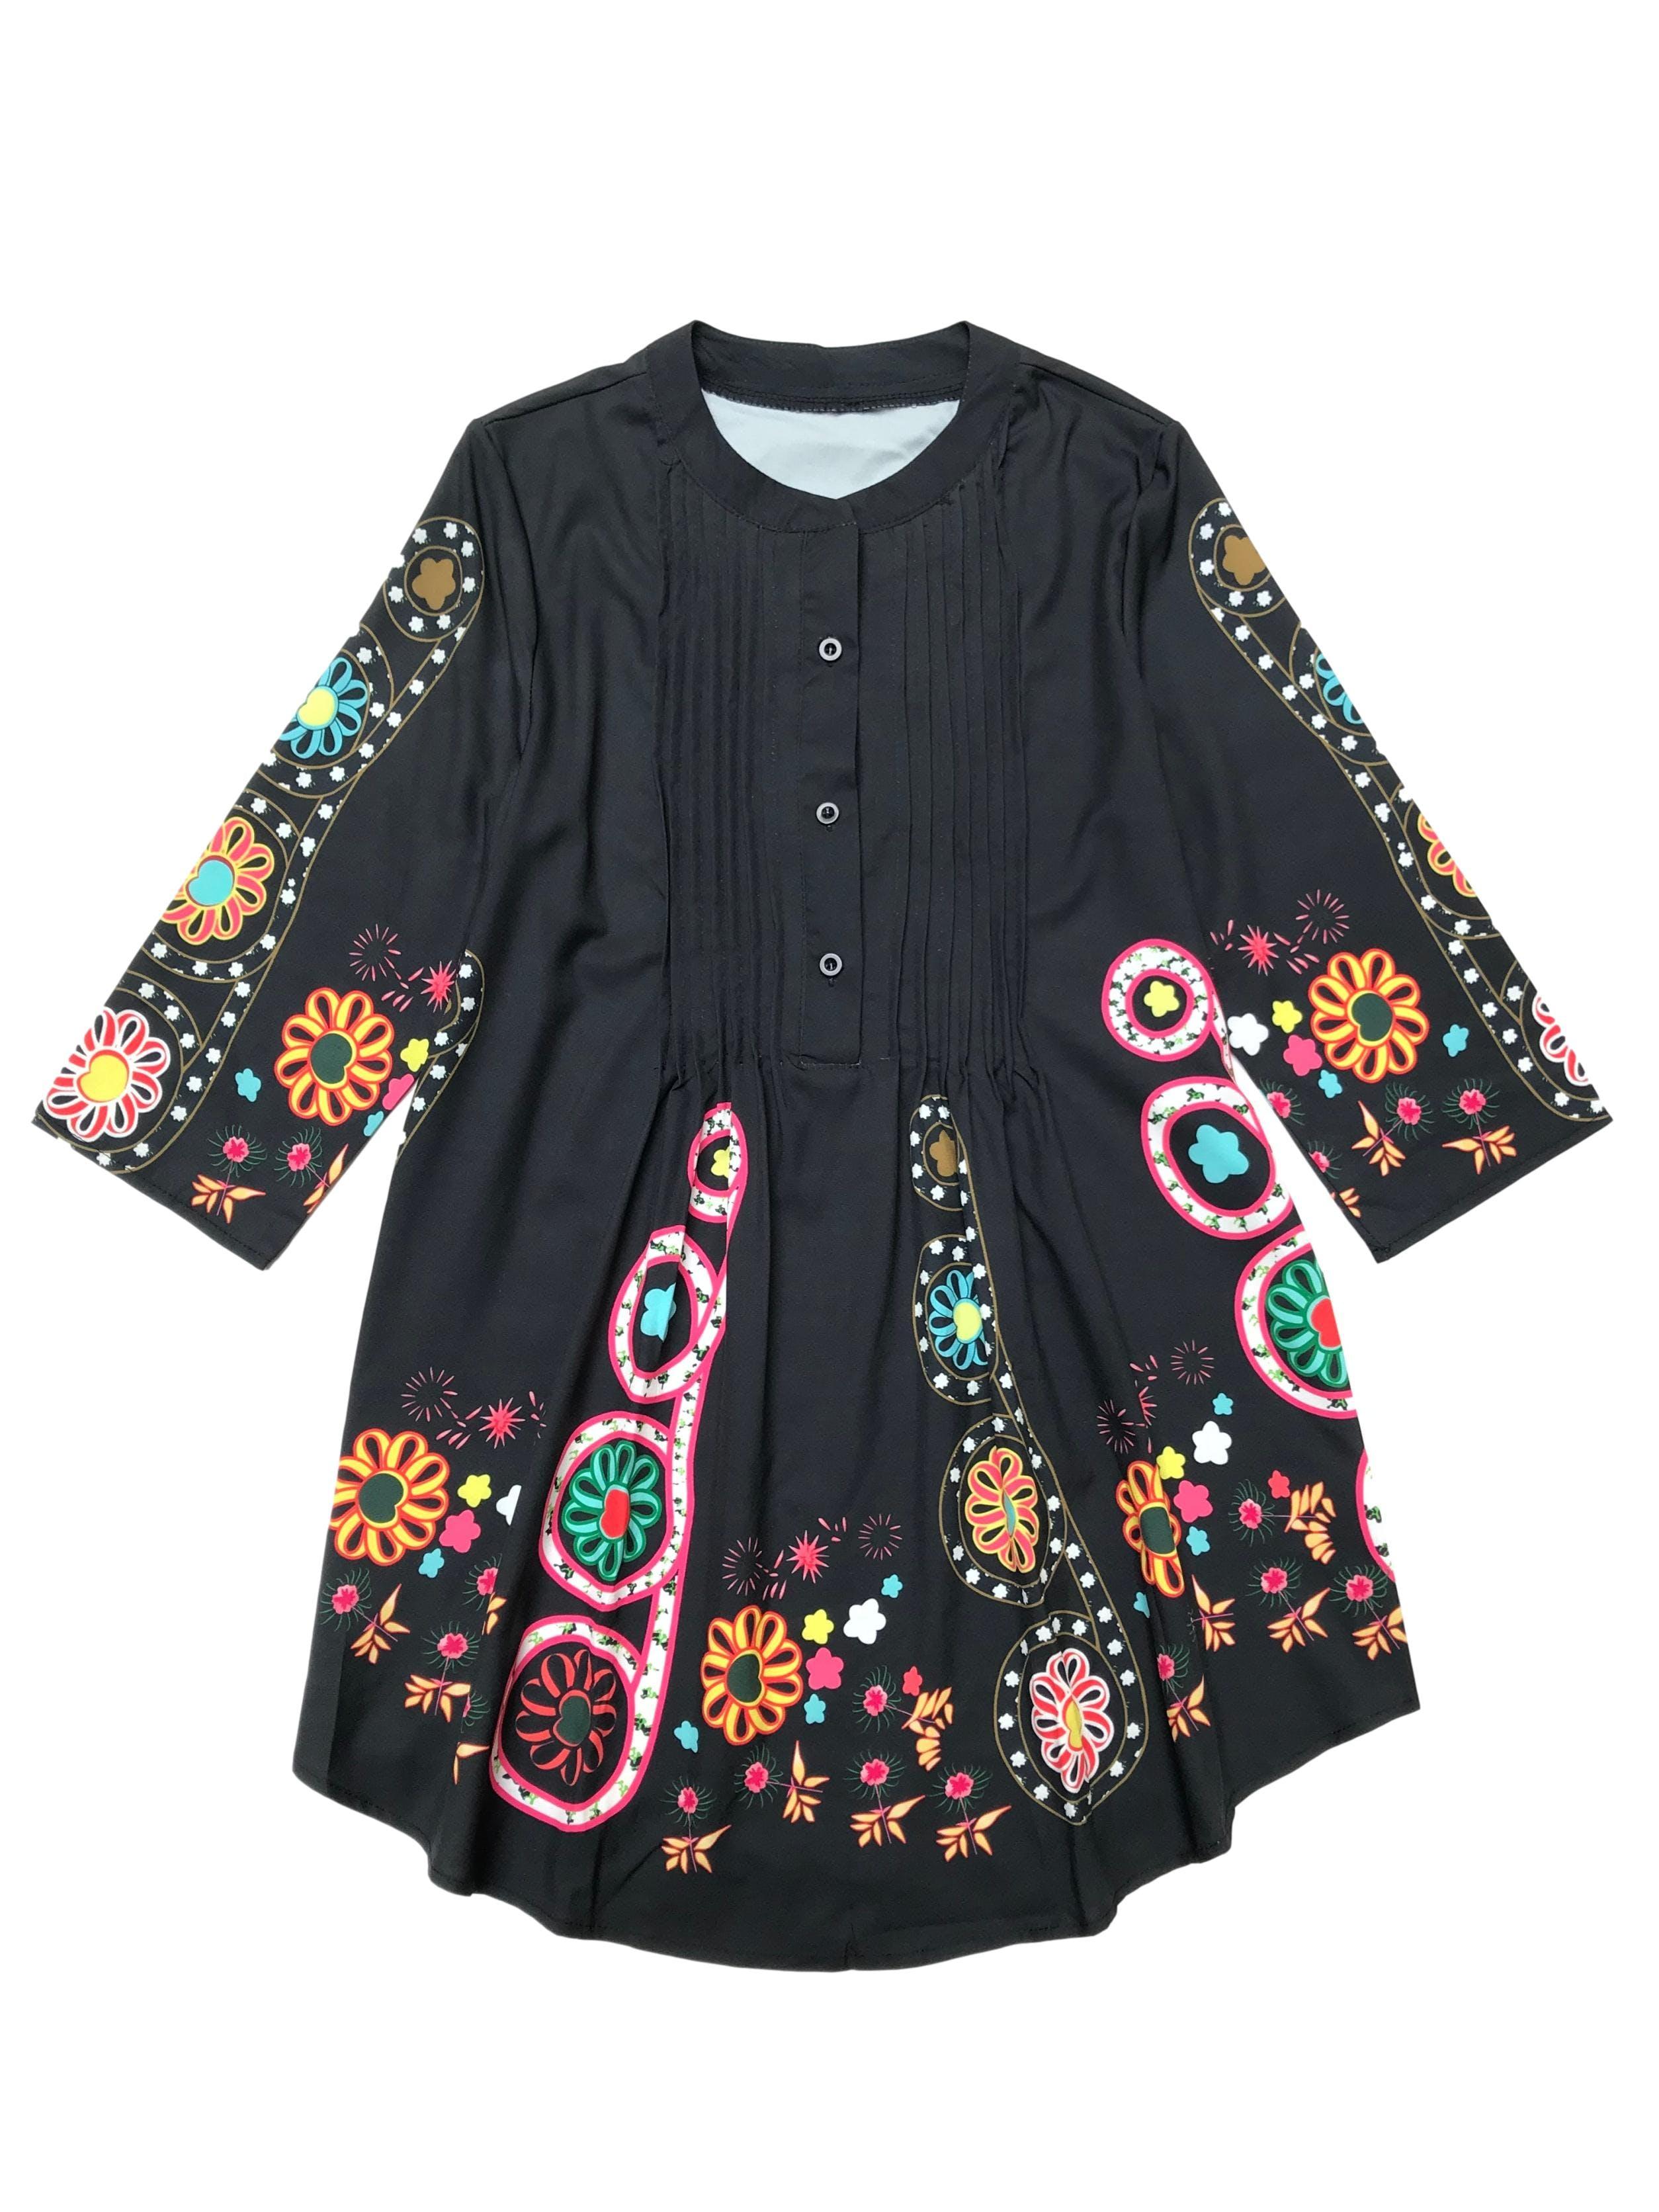 Blusa negra con estampado de flores, botones y pliegues en el pecho. Largo 72cm